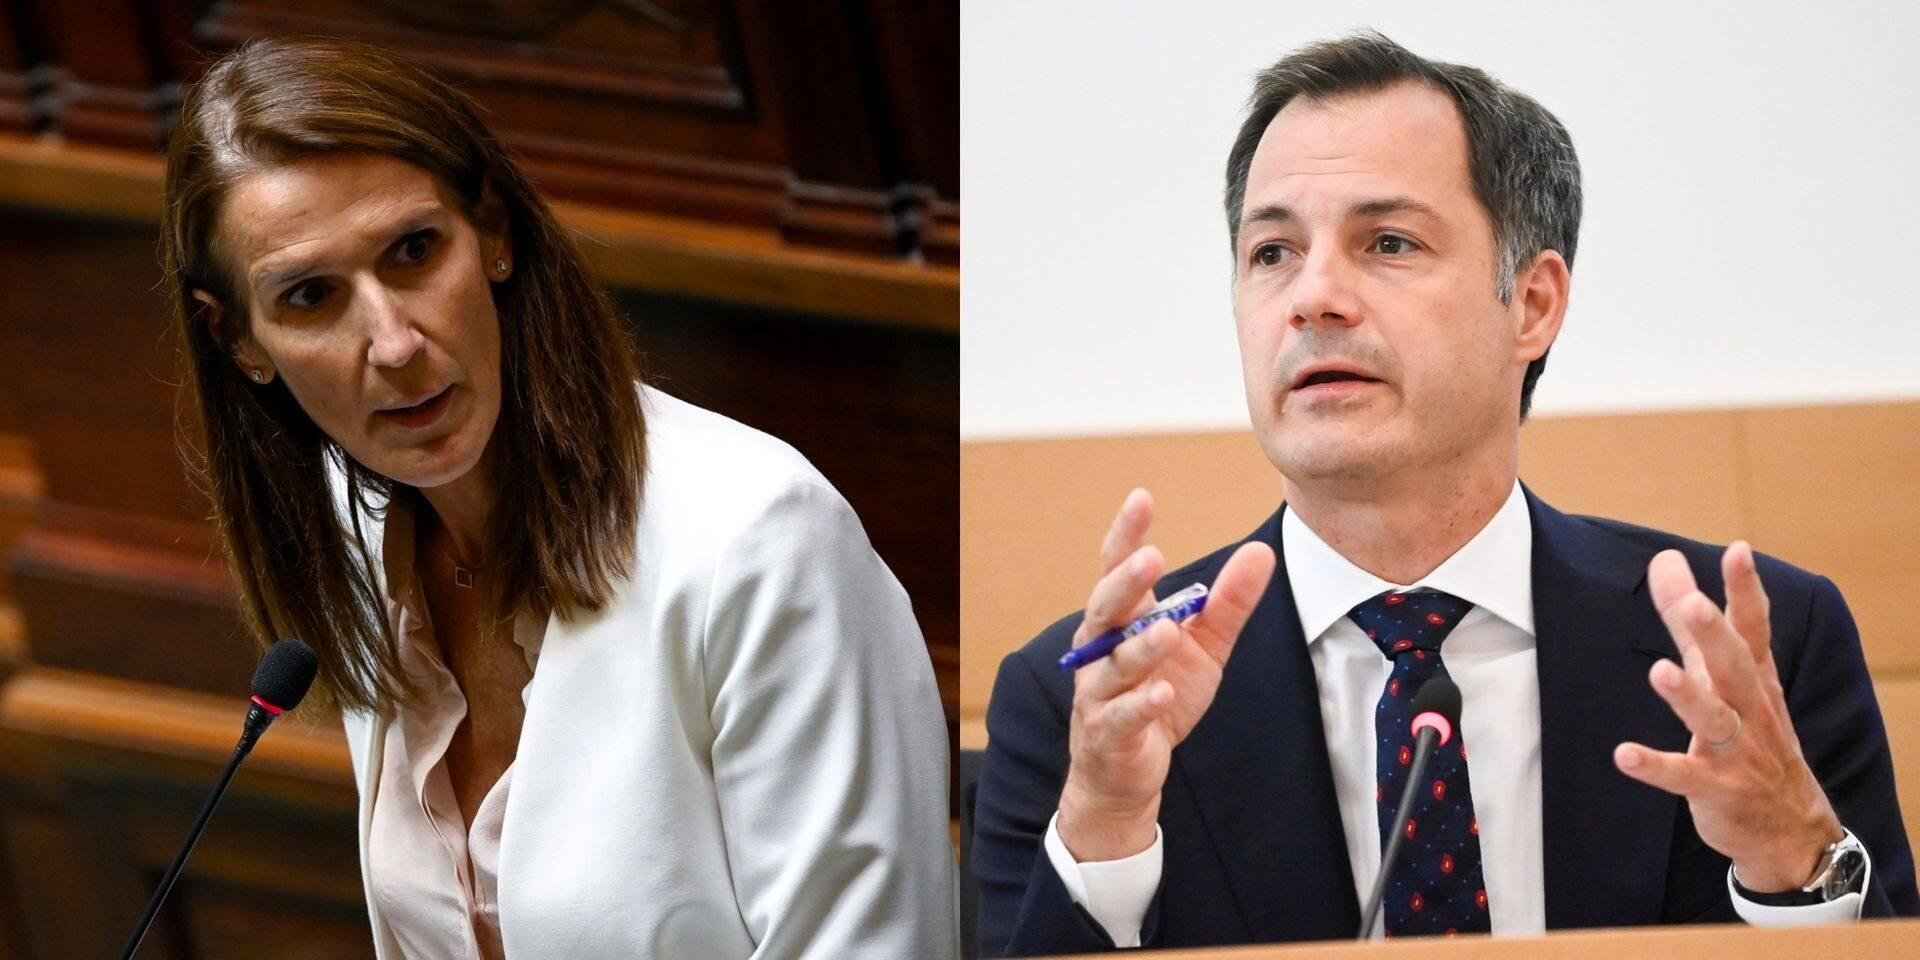 Qui seront les ministres du gouvernement Vivaldi ? Voici la short-list des favoris